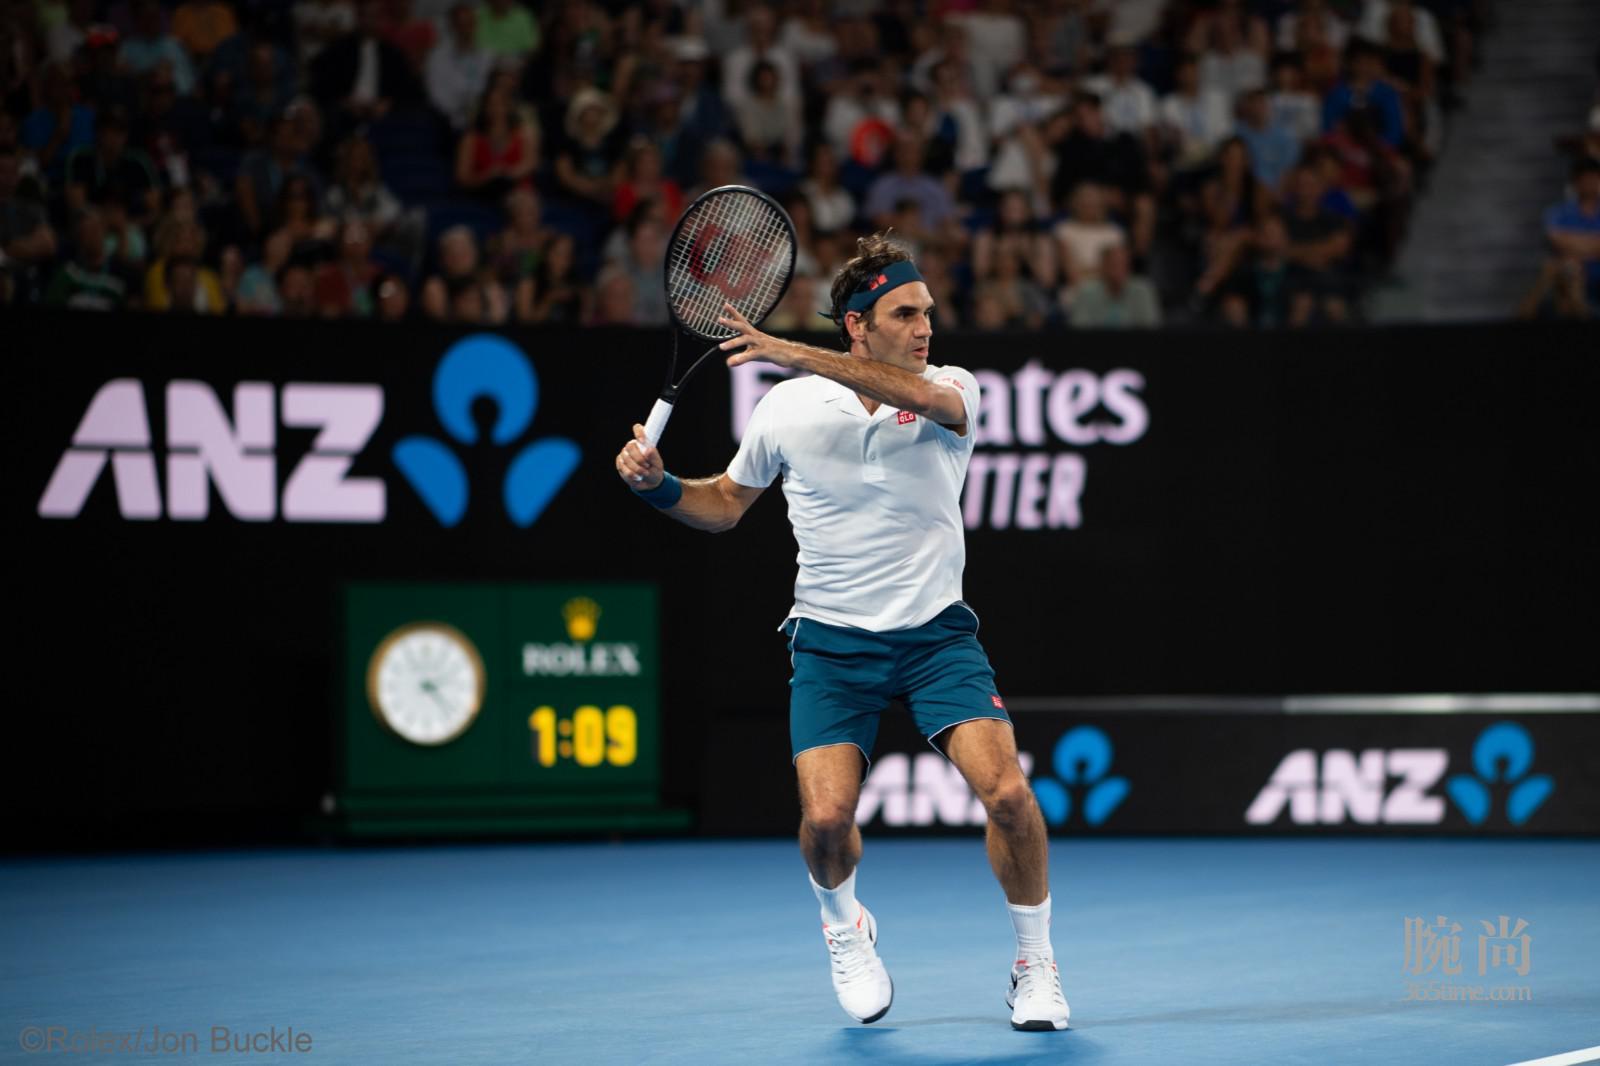 劳力士代言人罗杰•费德勒(ROGER FEDERER)于2019年澳大利亚网球公开赛©Rolex Jon Buckle(2).jpg